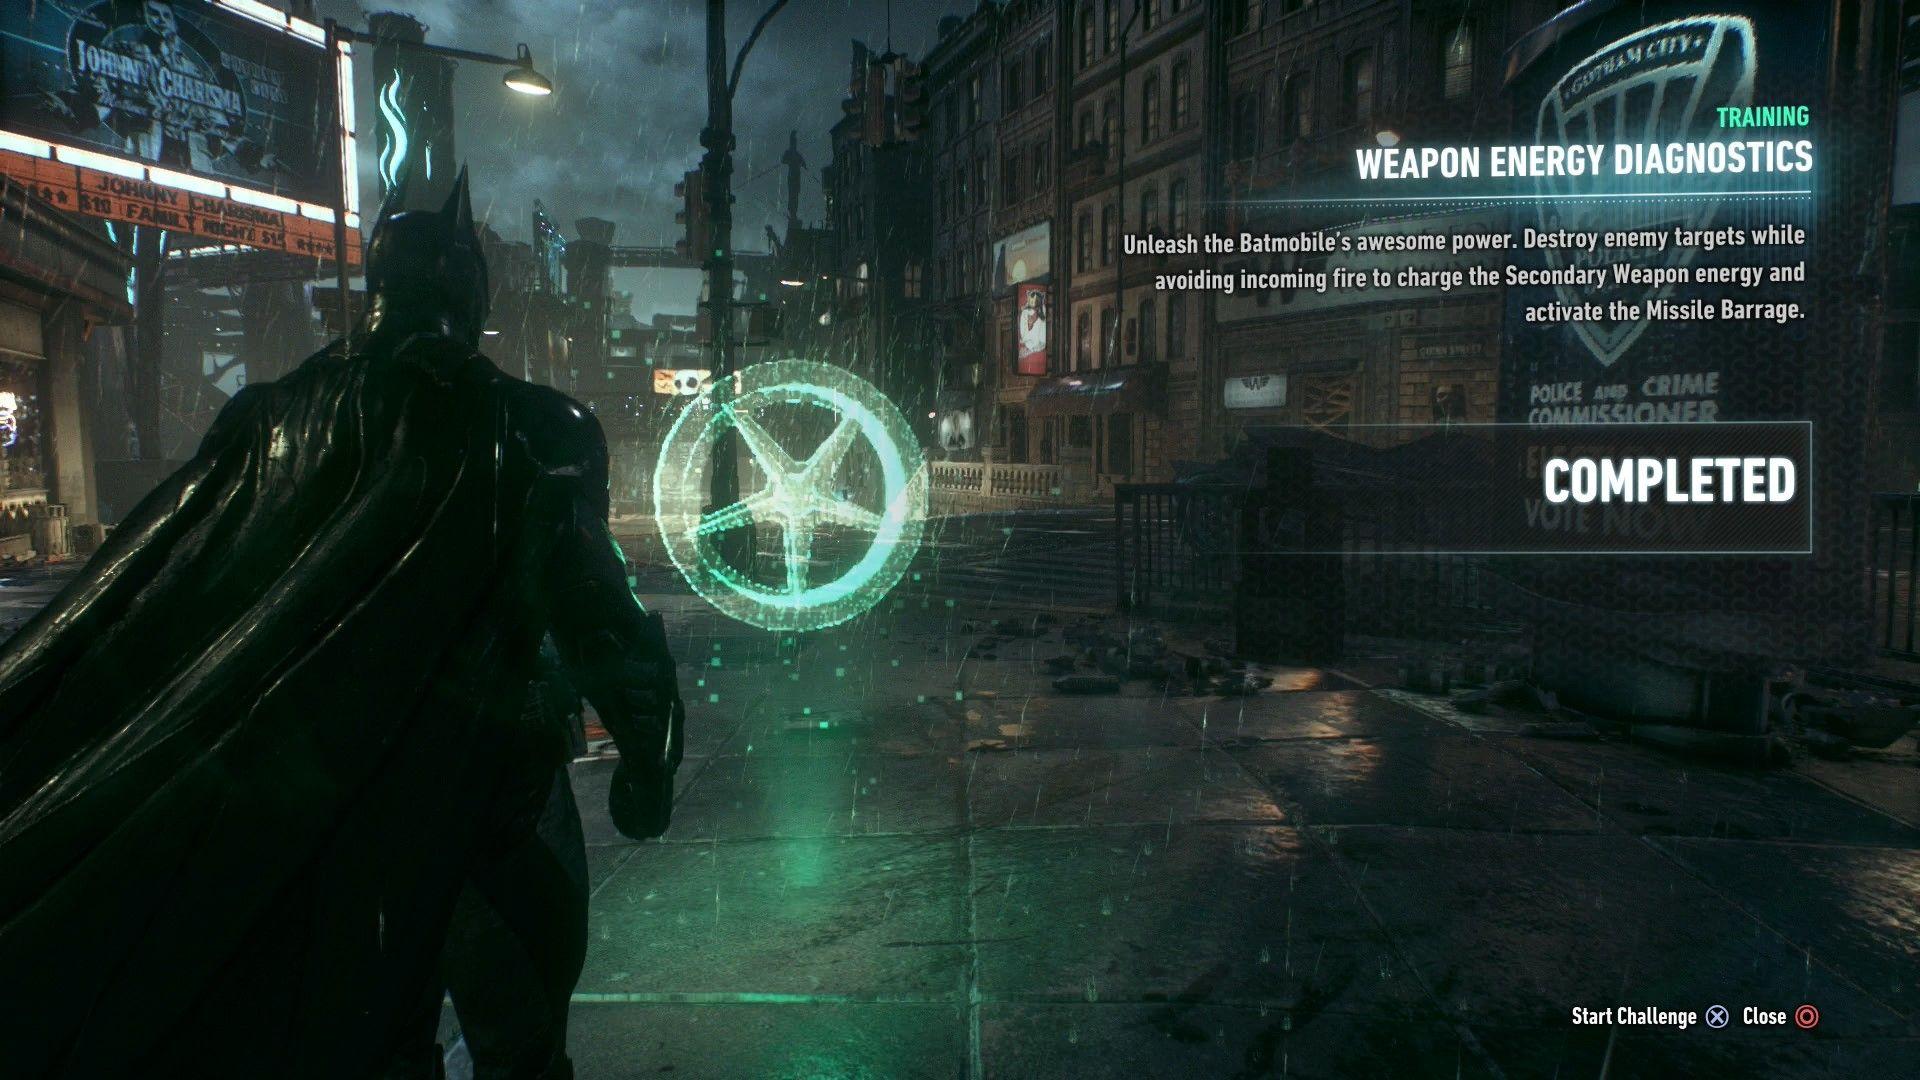 Batman Arkham Knight Weapon Energy Diagnostics Ar Challenge Walkthrough Batman Arkham Knight Batman Arkham Arkham Knight